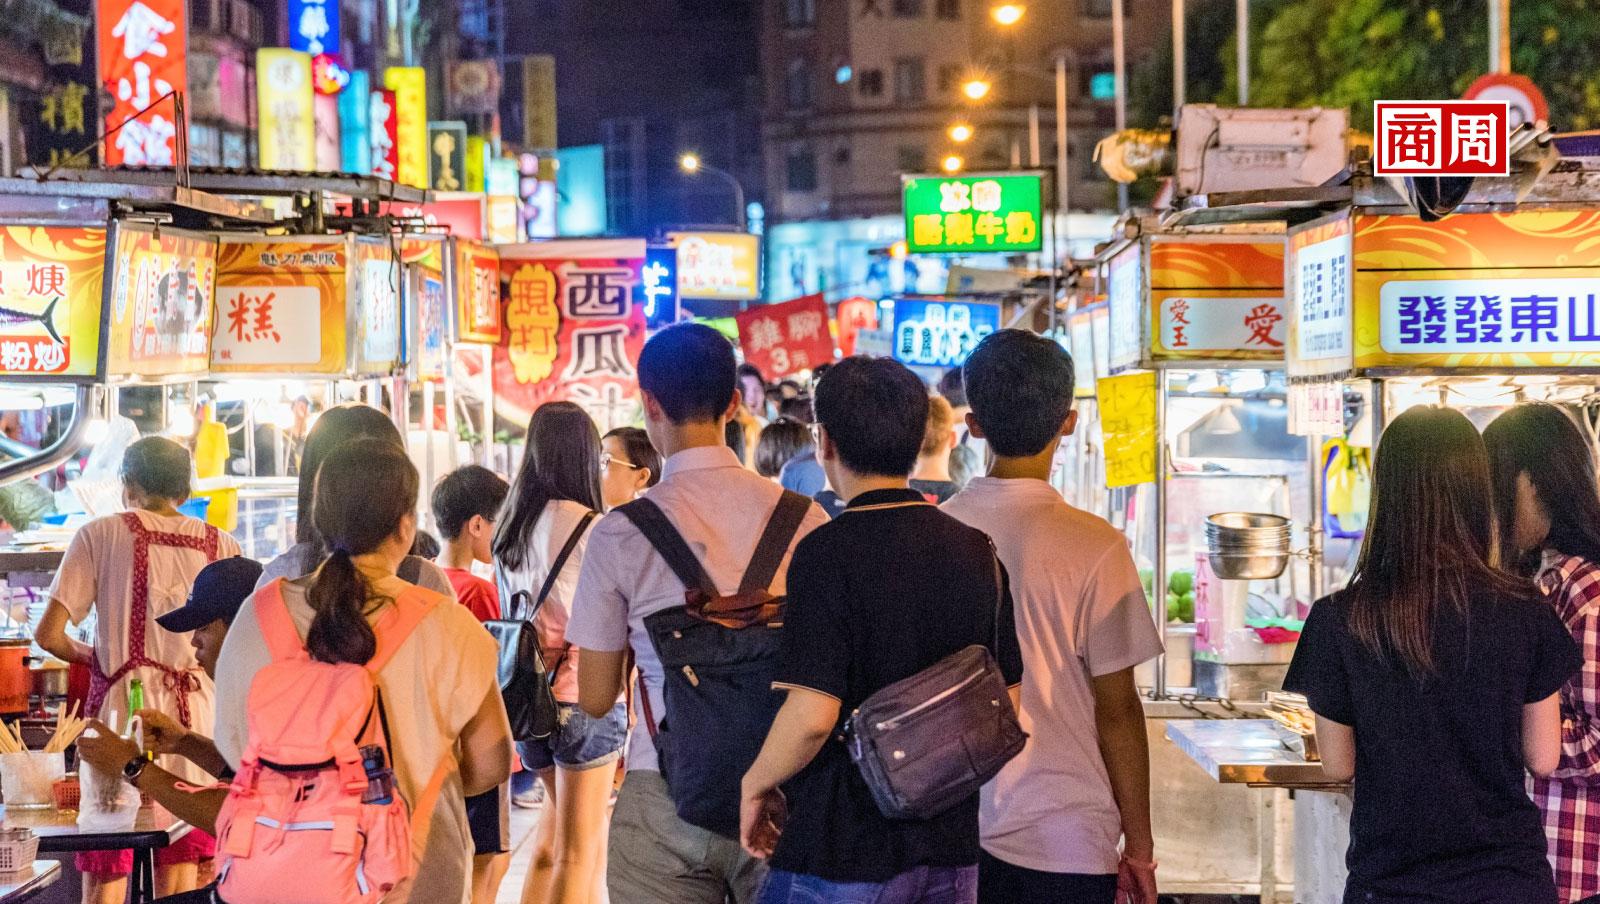 陸客自由行無預警喊停,卻獨留旅遊團...看懂中國的背後盤算